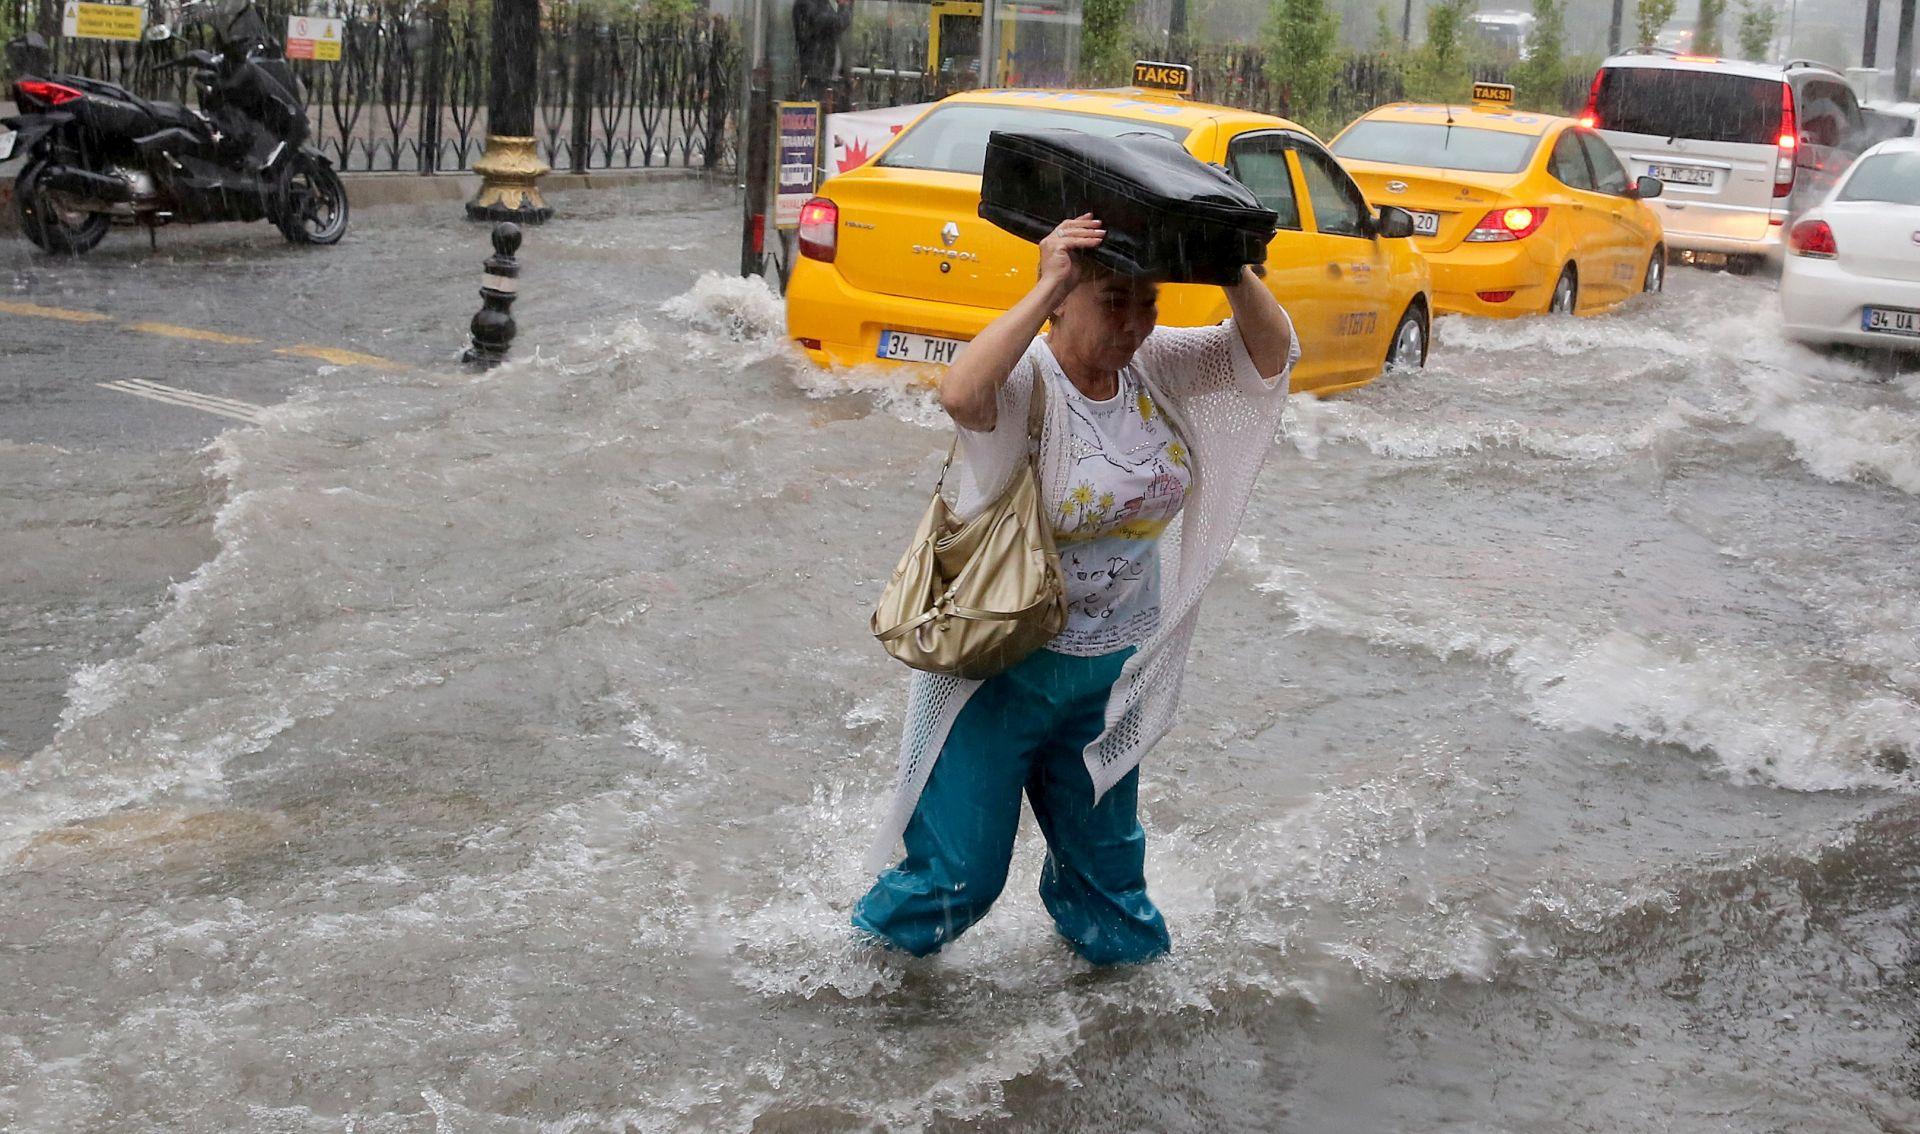 Poplave u Istanbulu nakon jake kiše i oluje